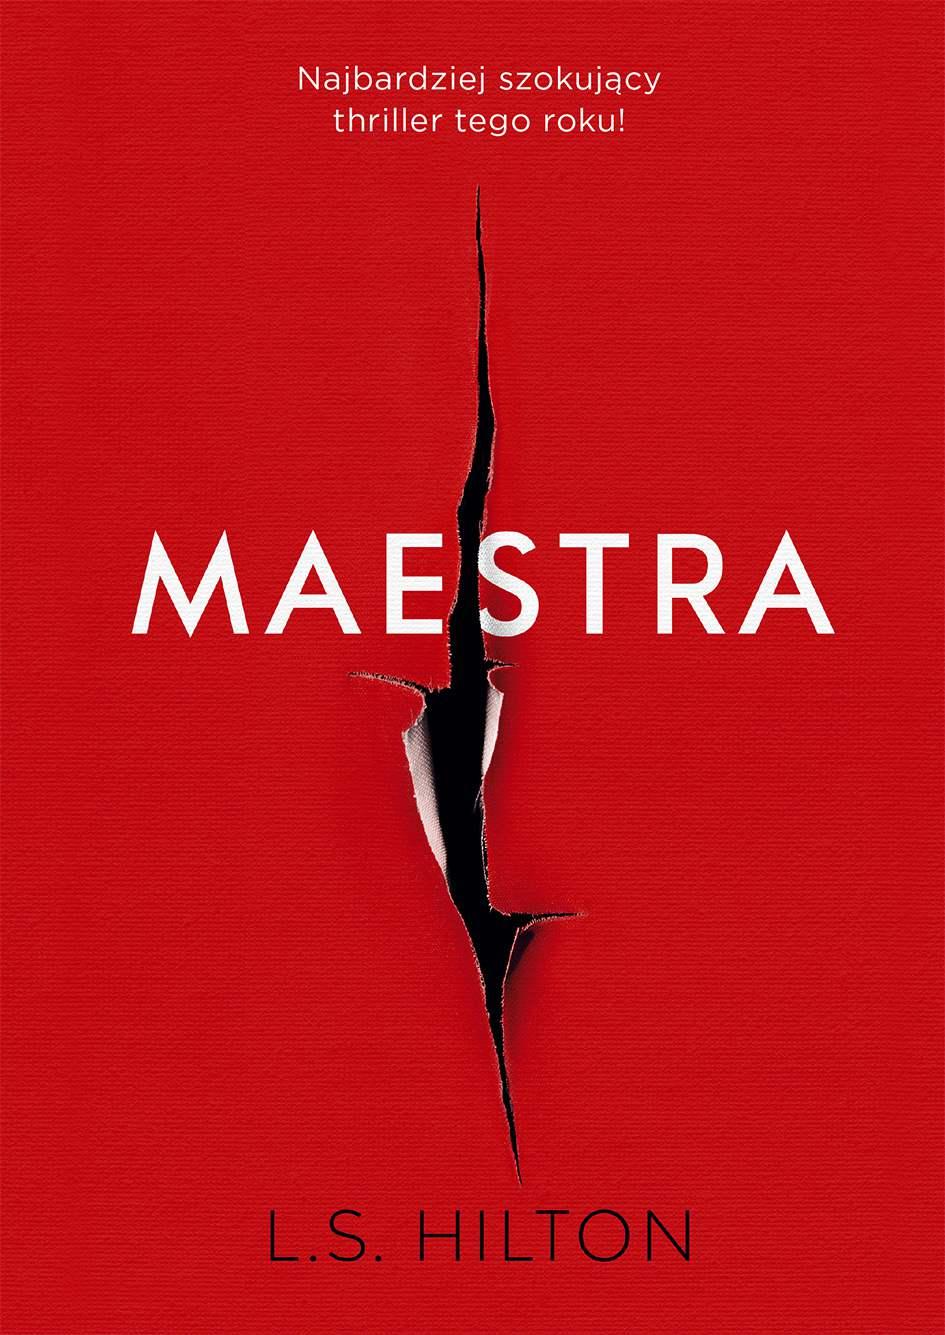 Maestra - Ebook (Książka EPUB) do pobrania w formacie EPUB